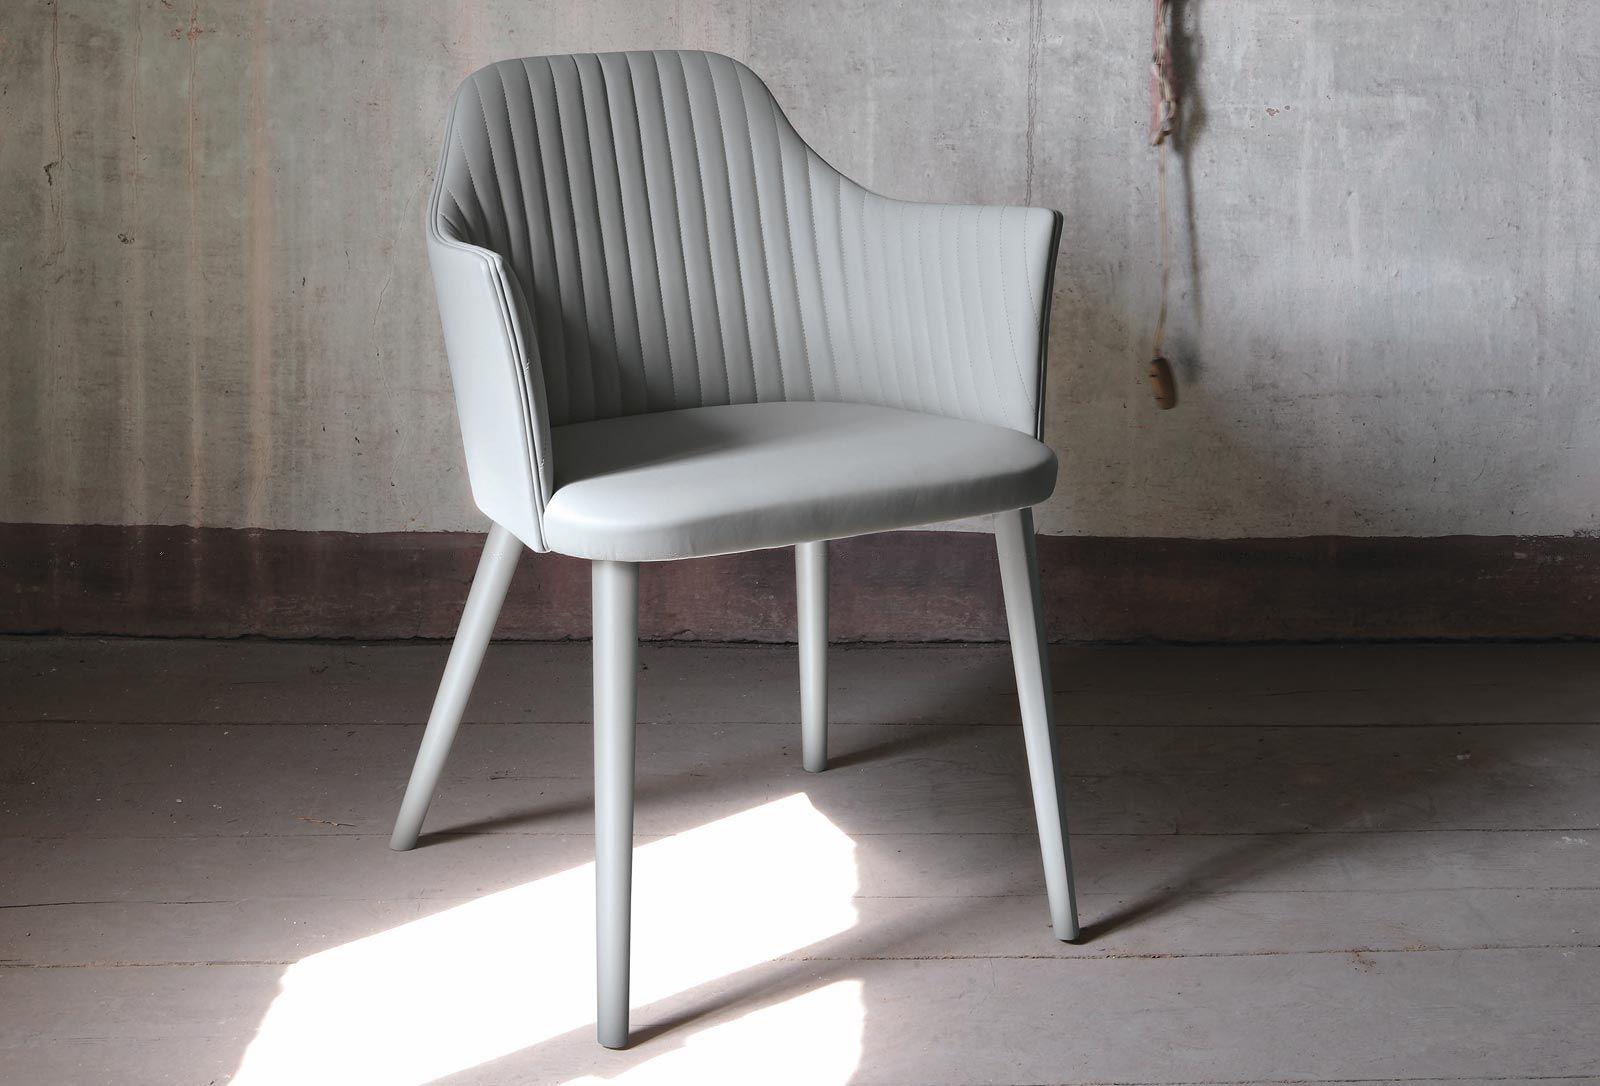 Chaise Break Bross Italy Chaises De Salon Modernes Mobilier De Salon Fauteuil Contemporain